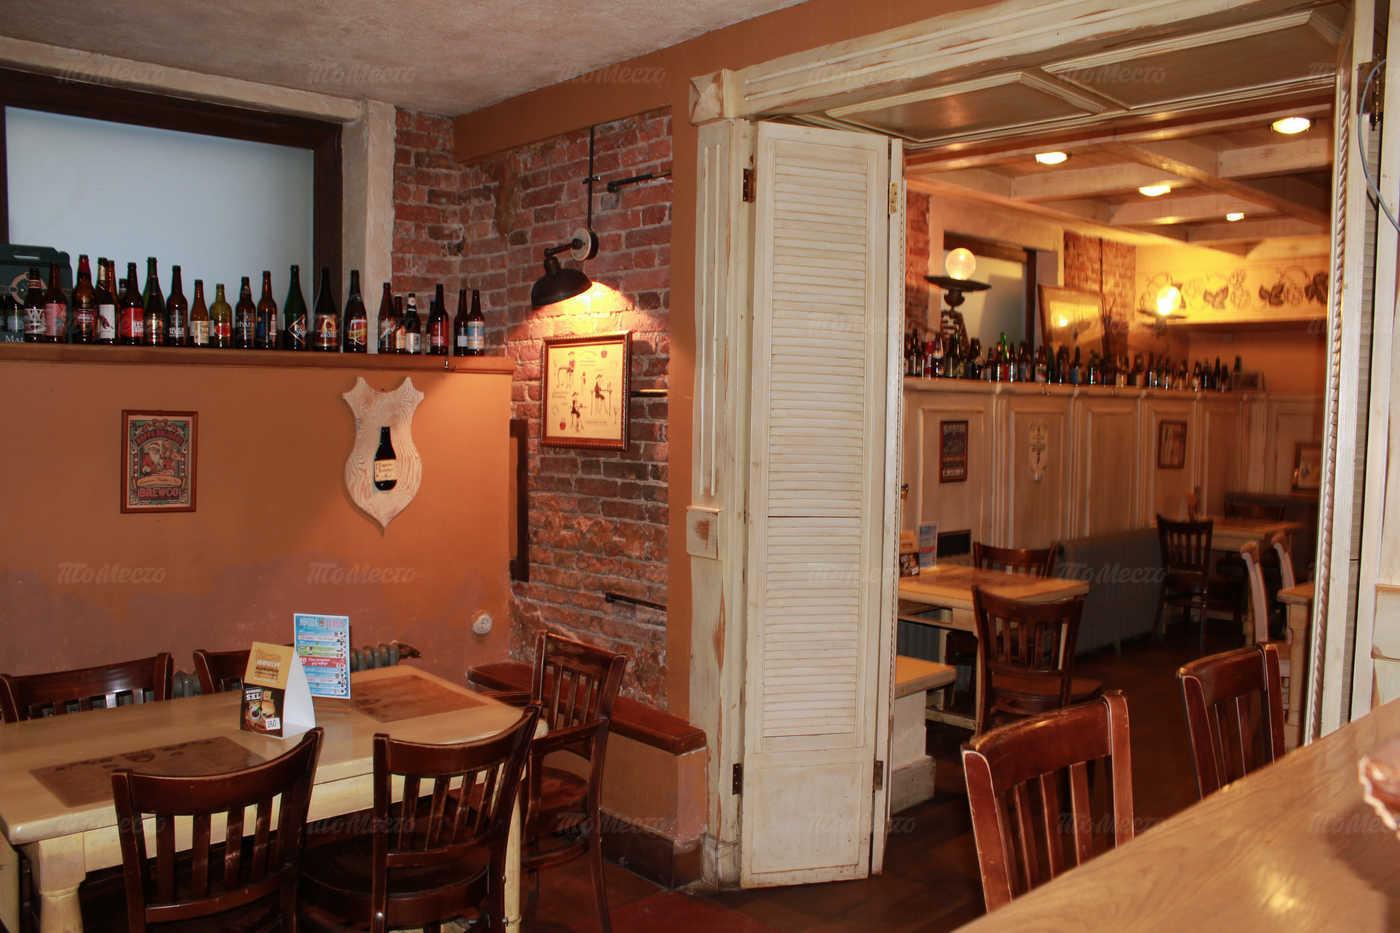 Меню паба, пивного ресторана Craft Bier (Крафт Бир) на Гагаринской улице